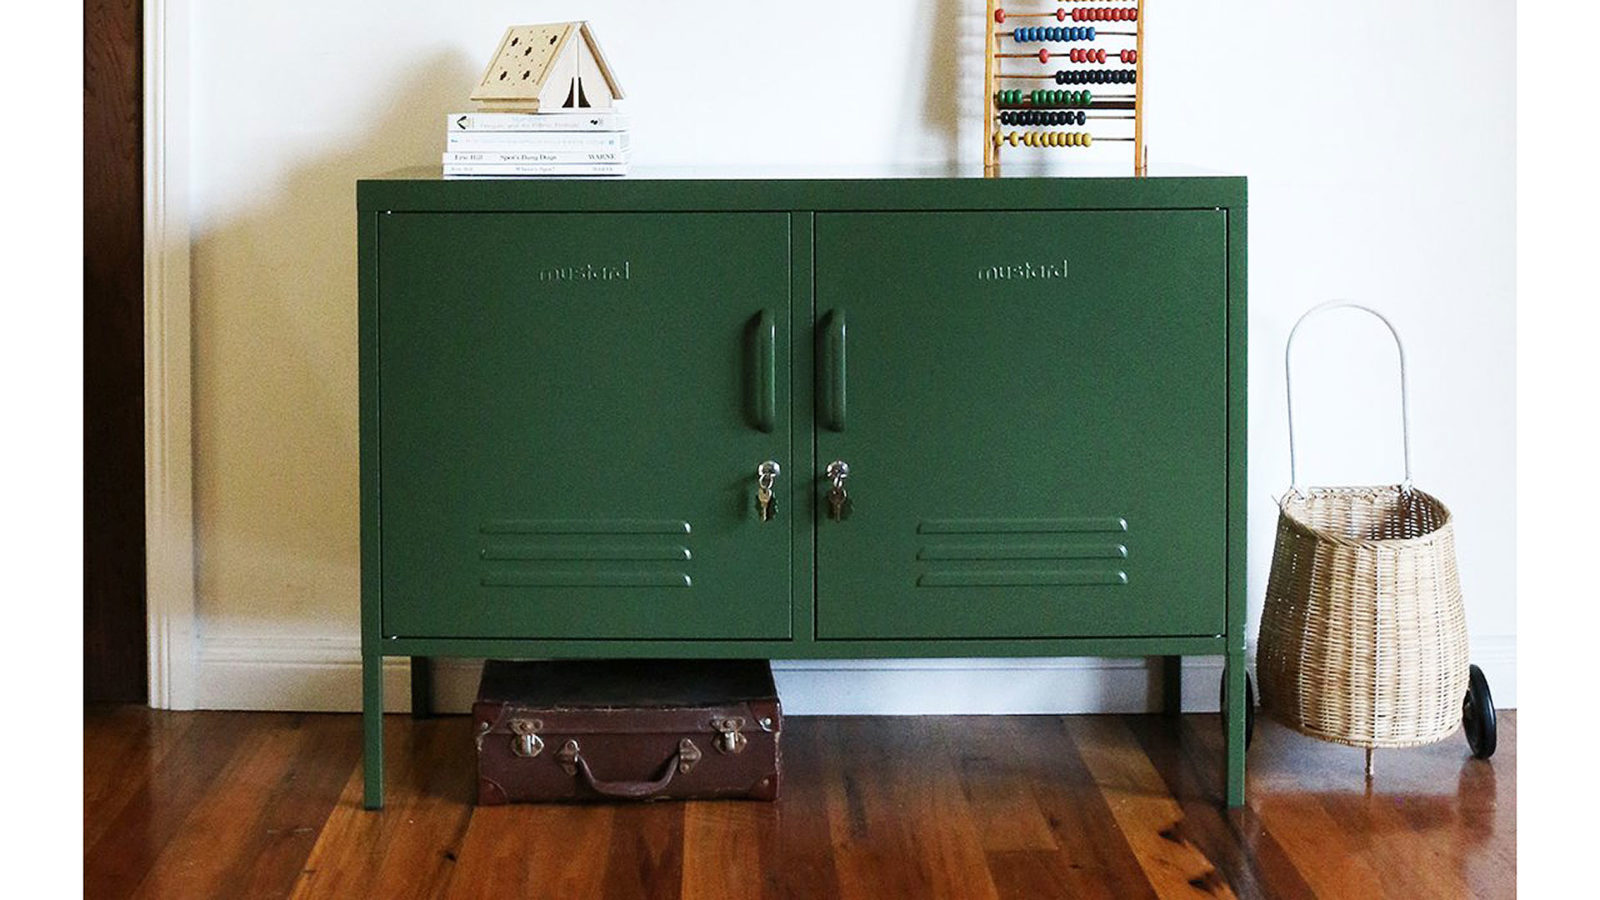 Sideboard Locker in olive green